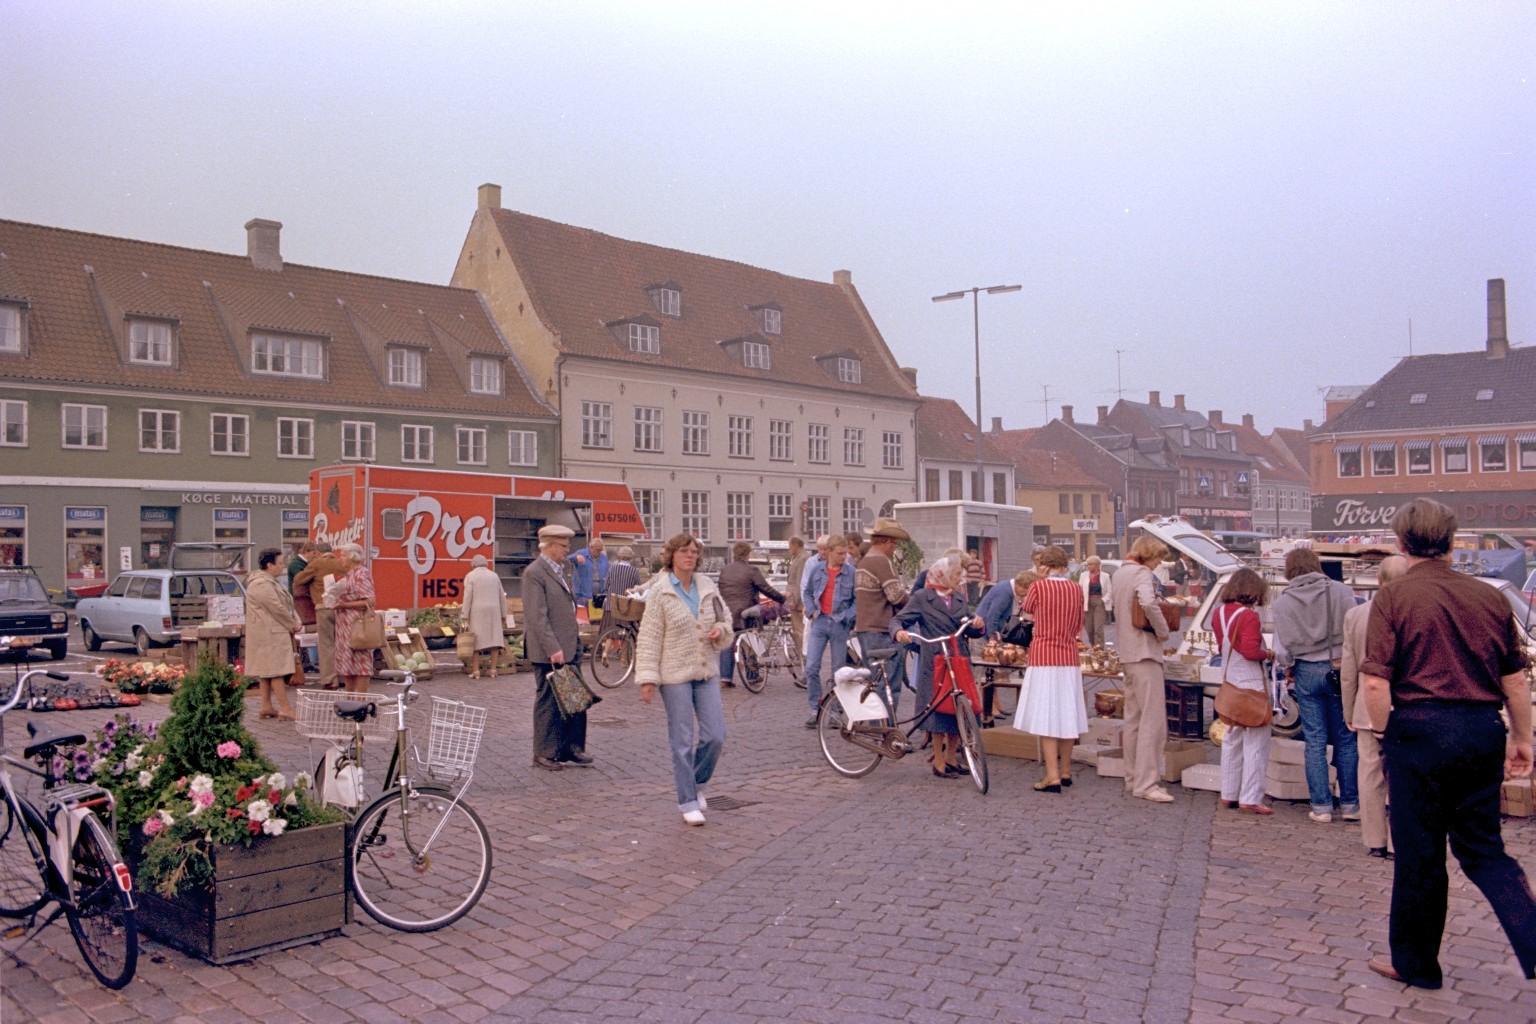 Køge marked, Sjælland